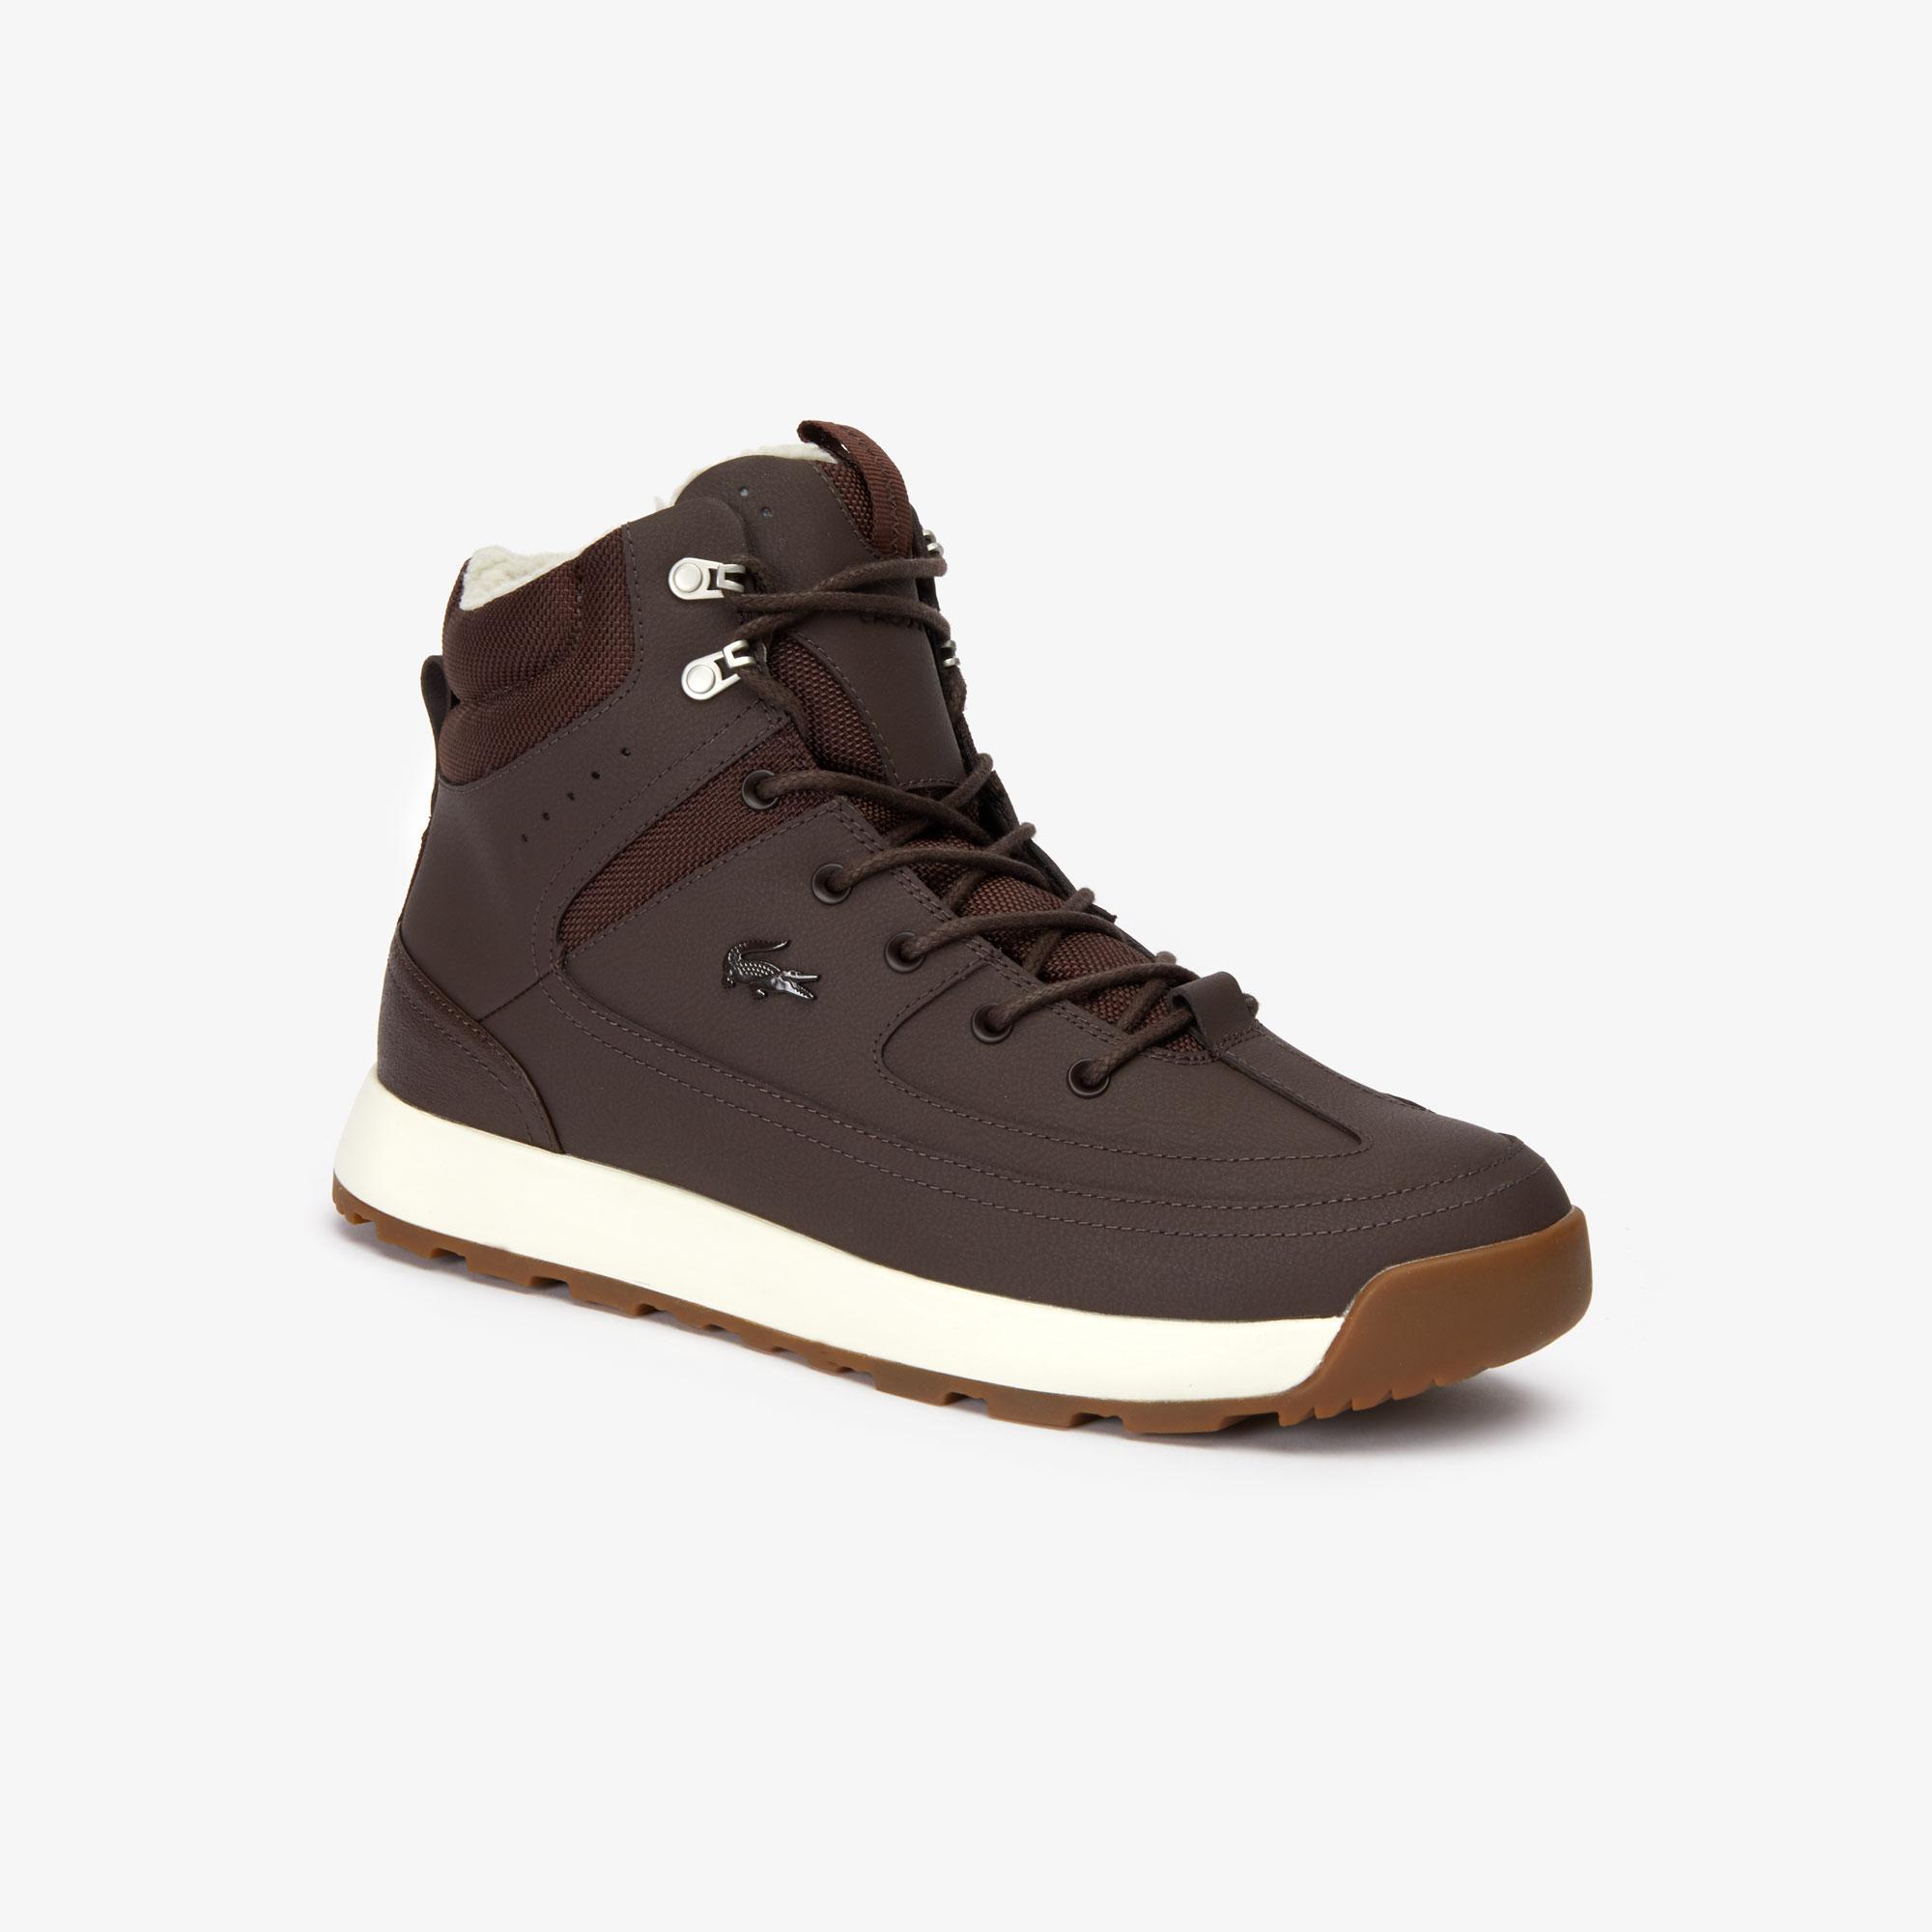 Lacoste Urban Breaker 419 1 Męskie Boots